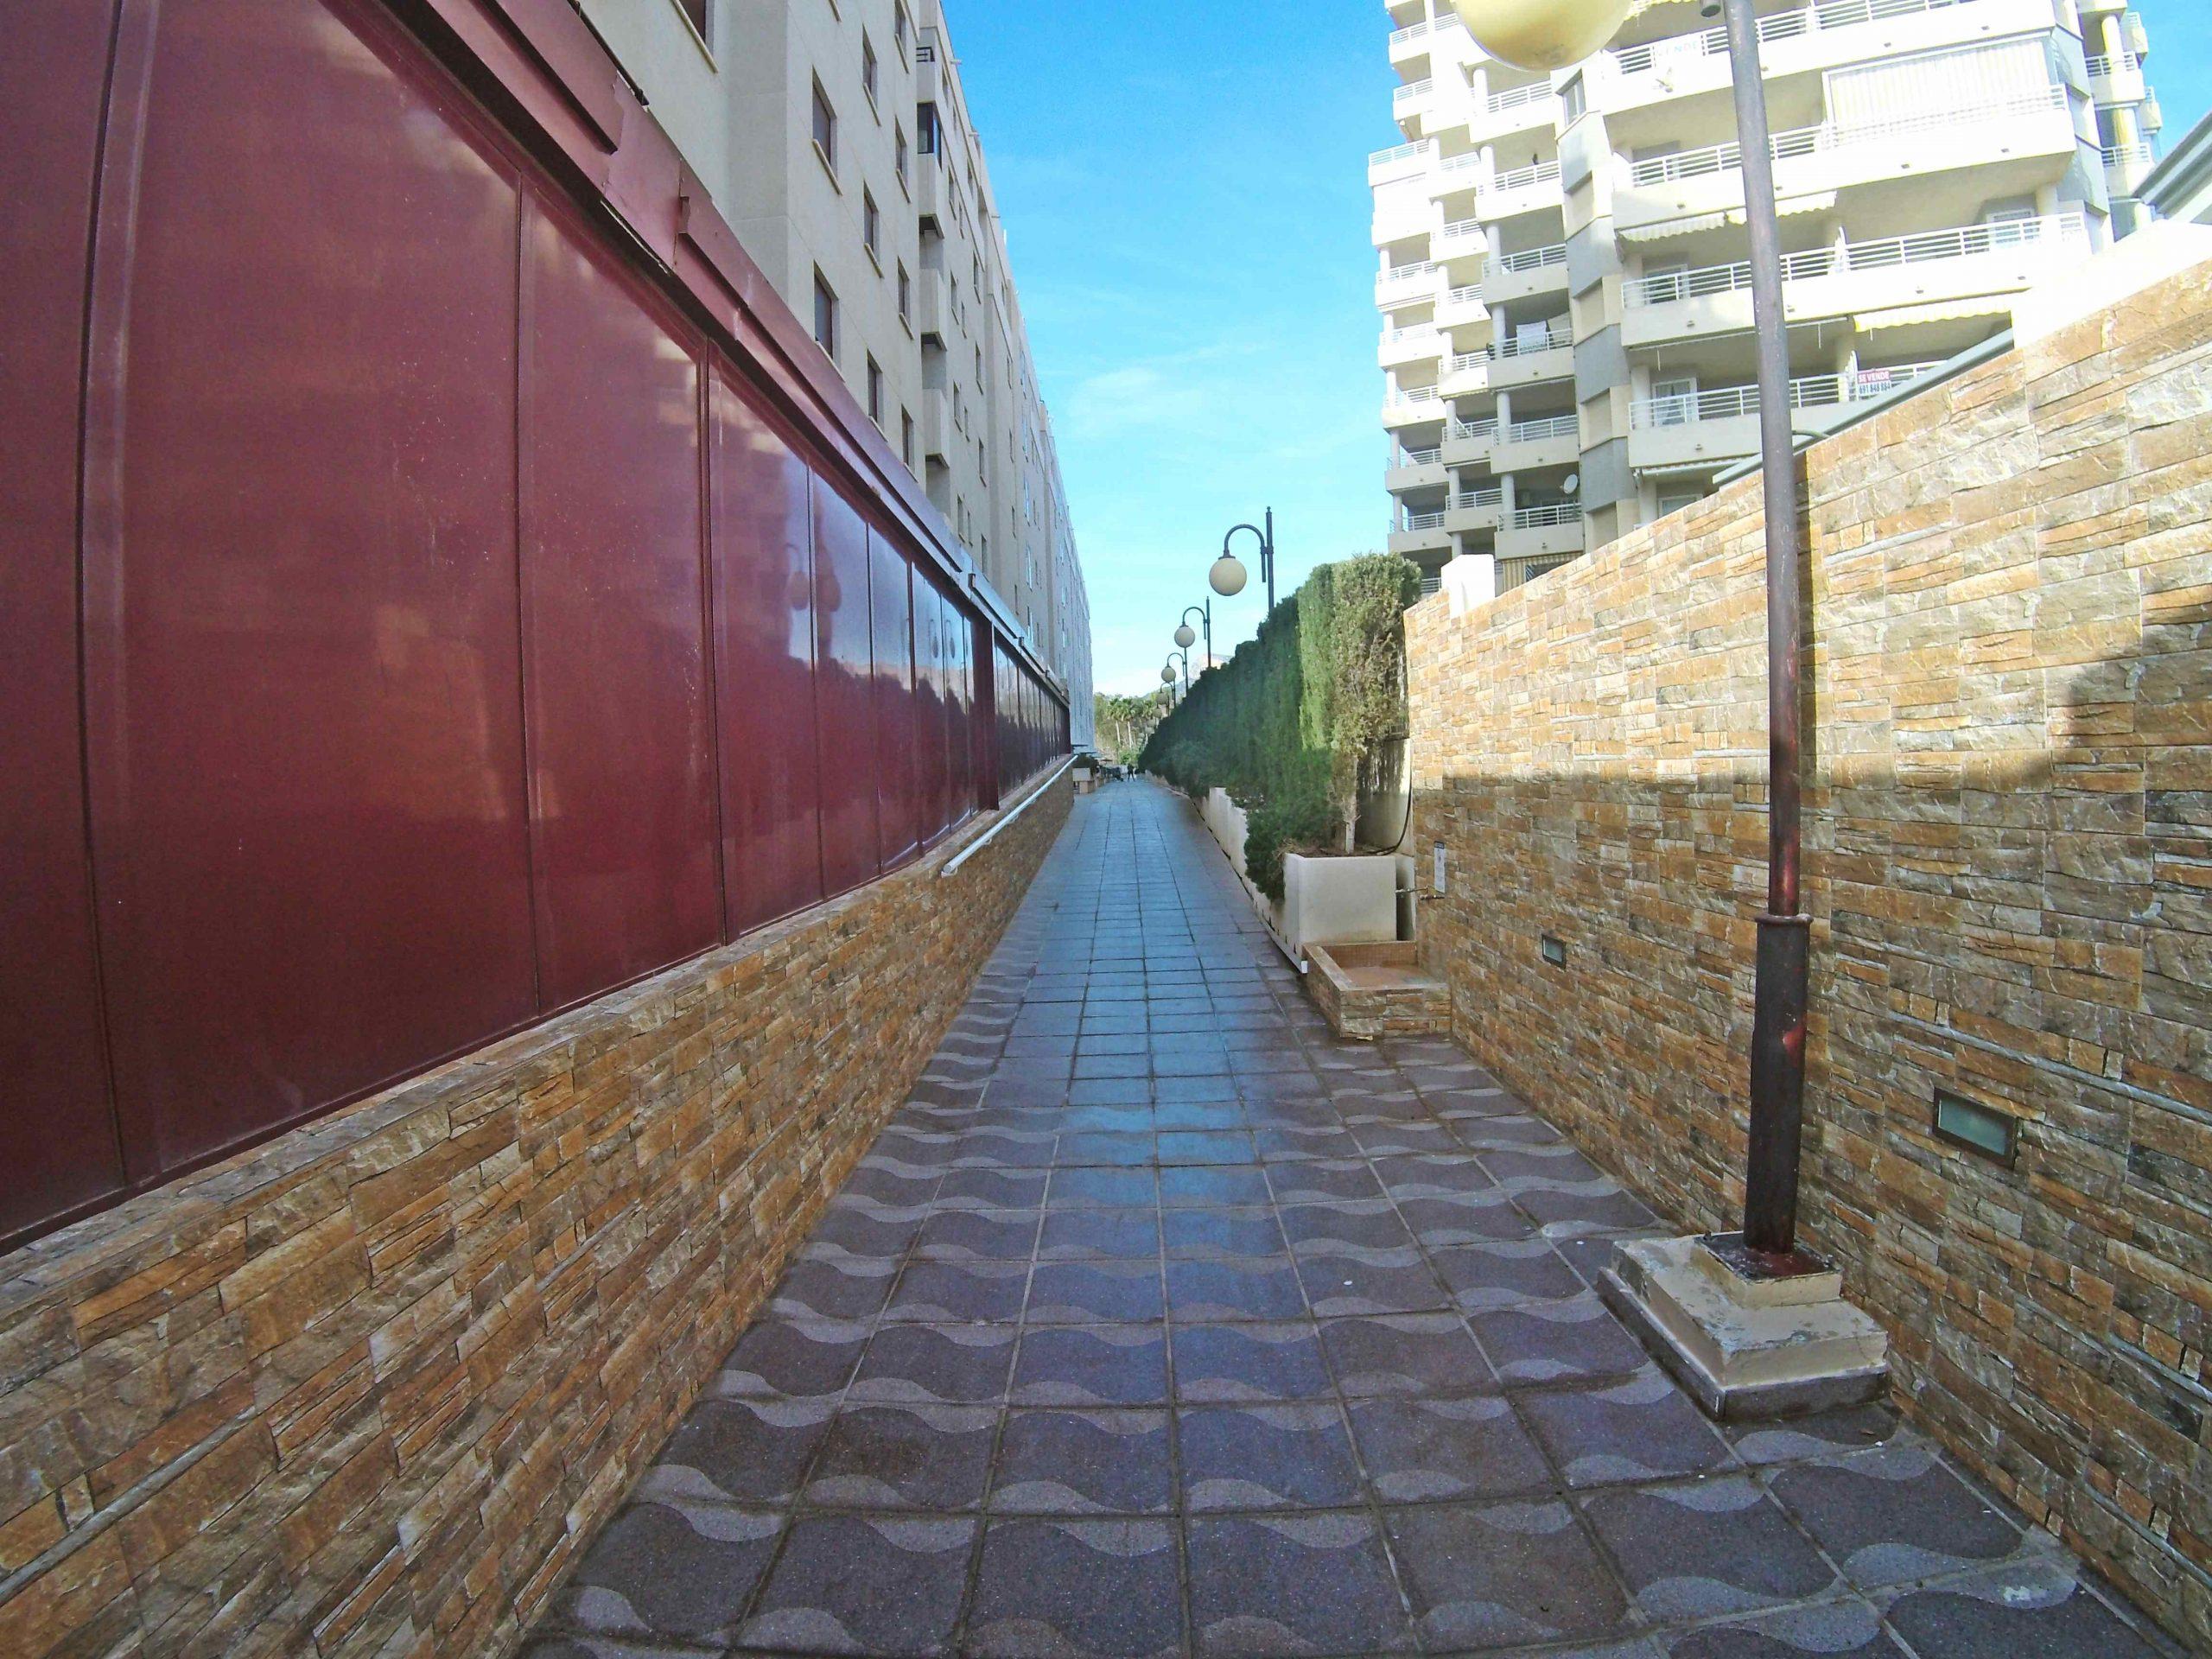 ¡Apartamento dúplex en la primera línea , con preciosas vistas abiertas al mar! PD-20005